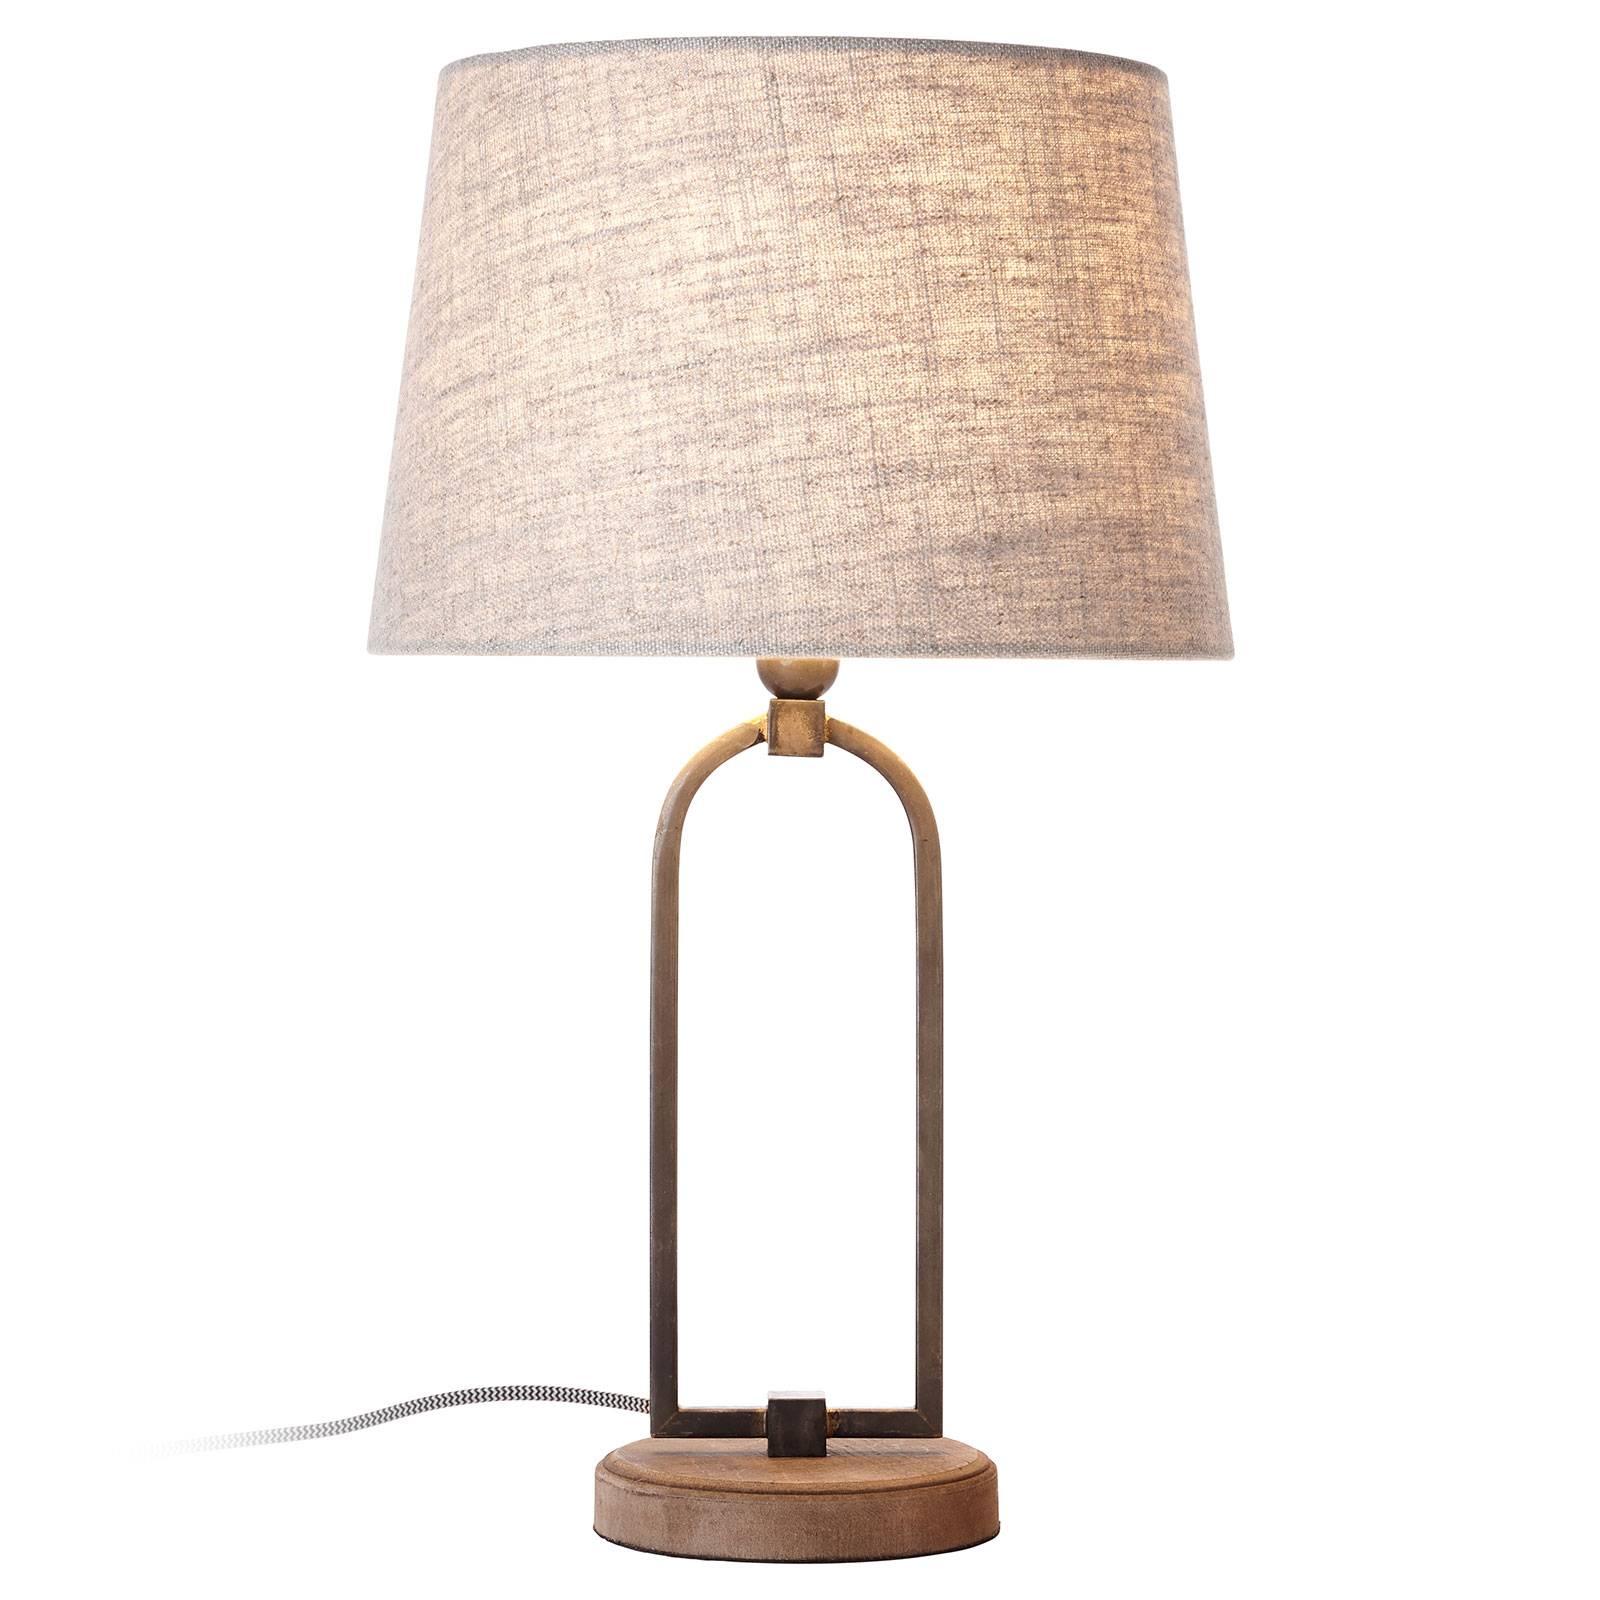 Pöytälamppu Sora, tyylikäs tekstiilivarjostin